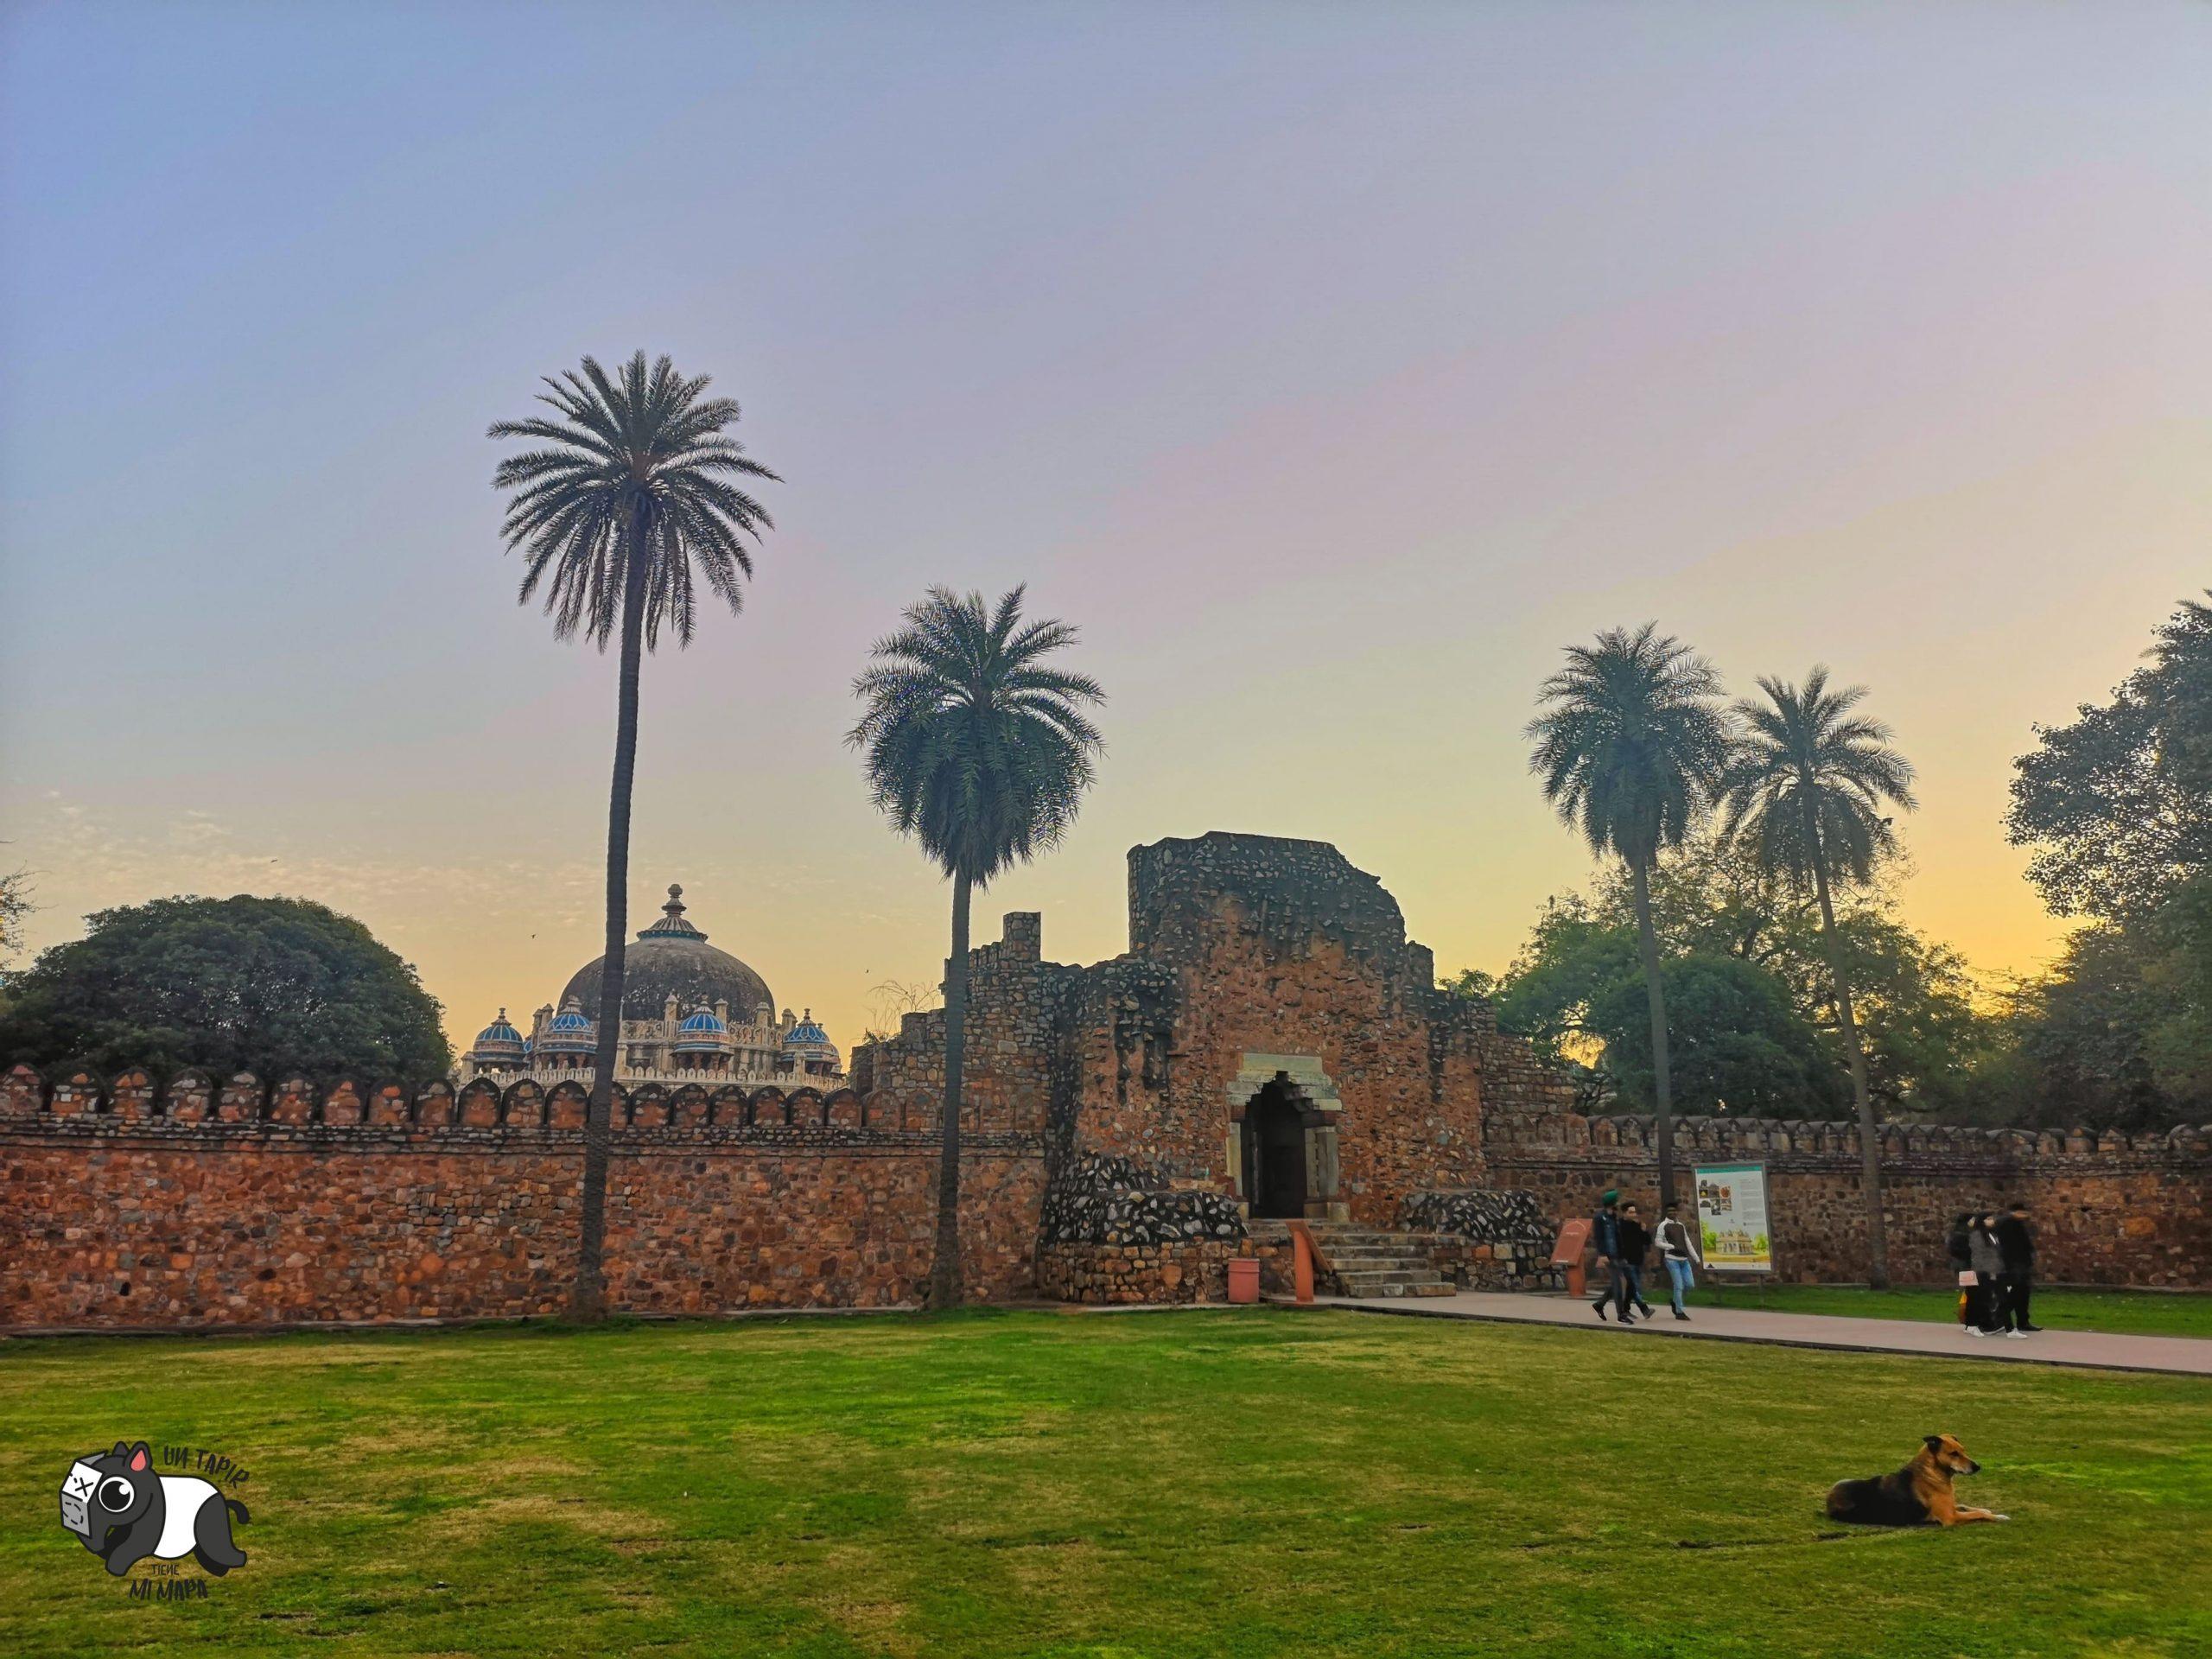 Entrada a Isa Khan Tomb con perro descansando en el jardín.